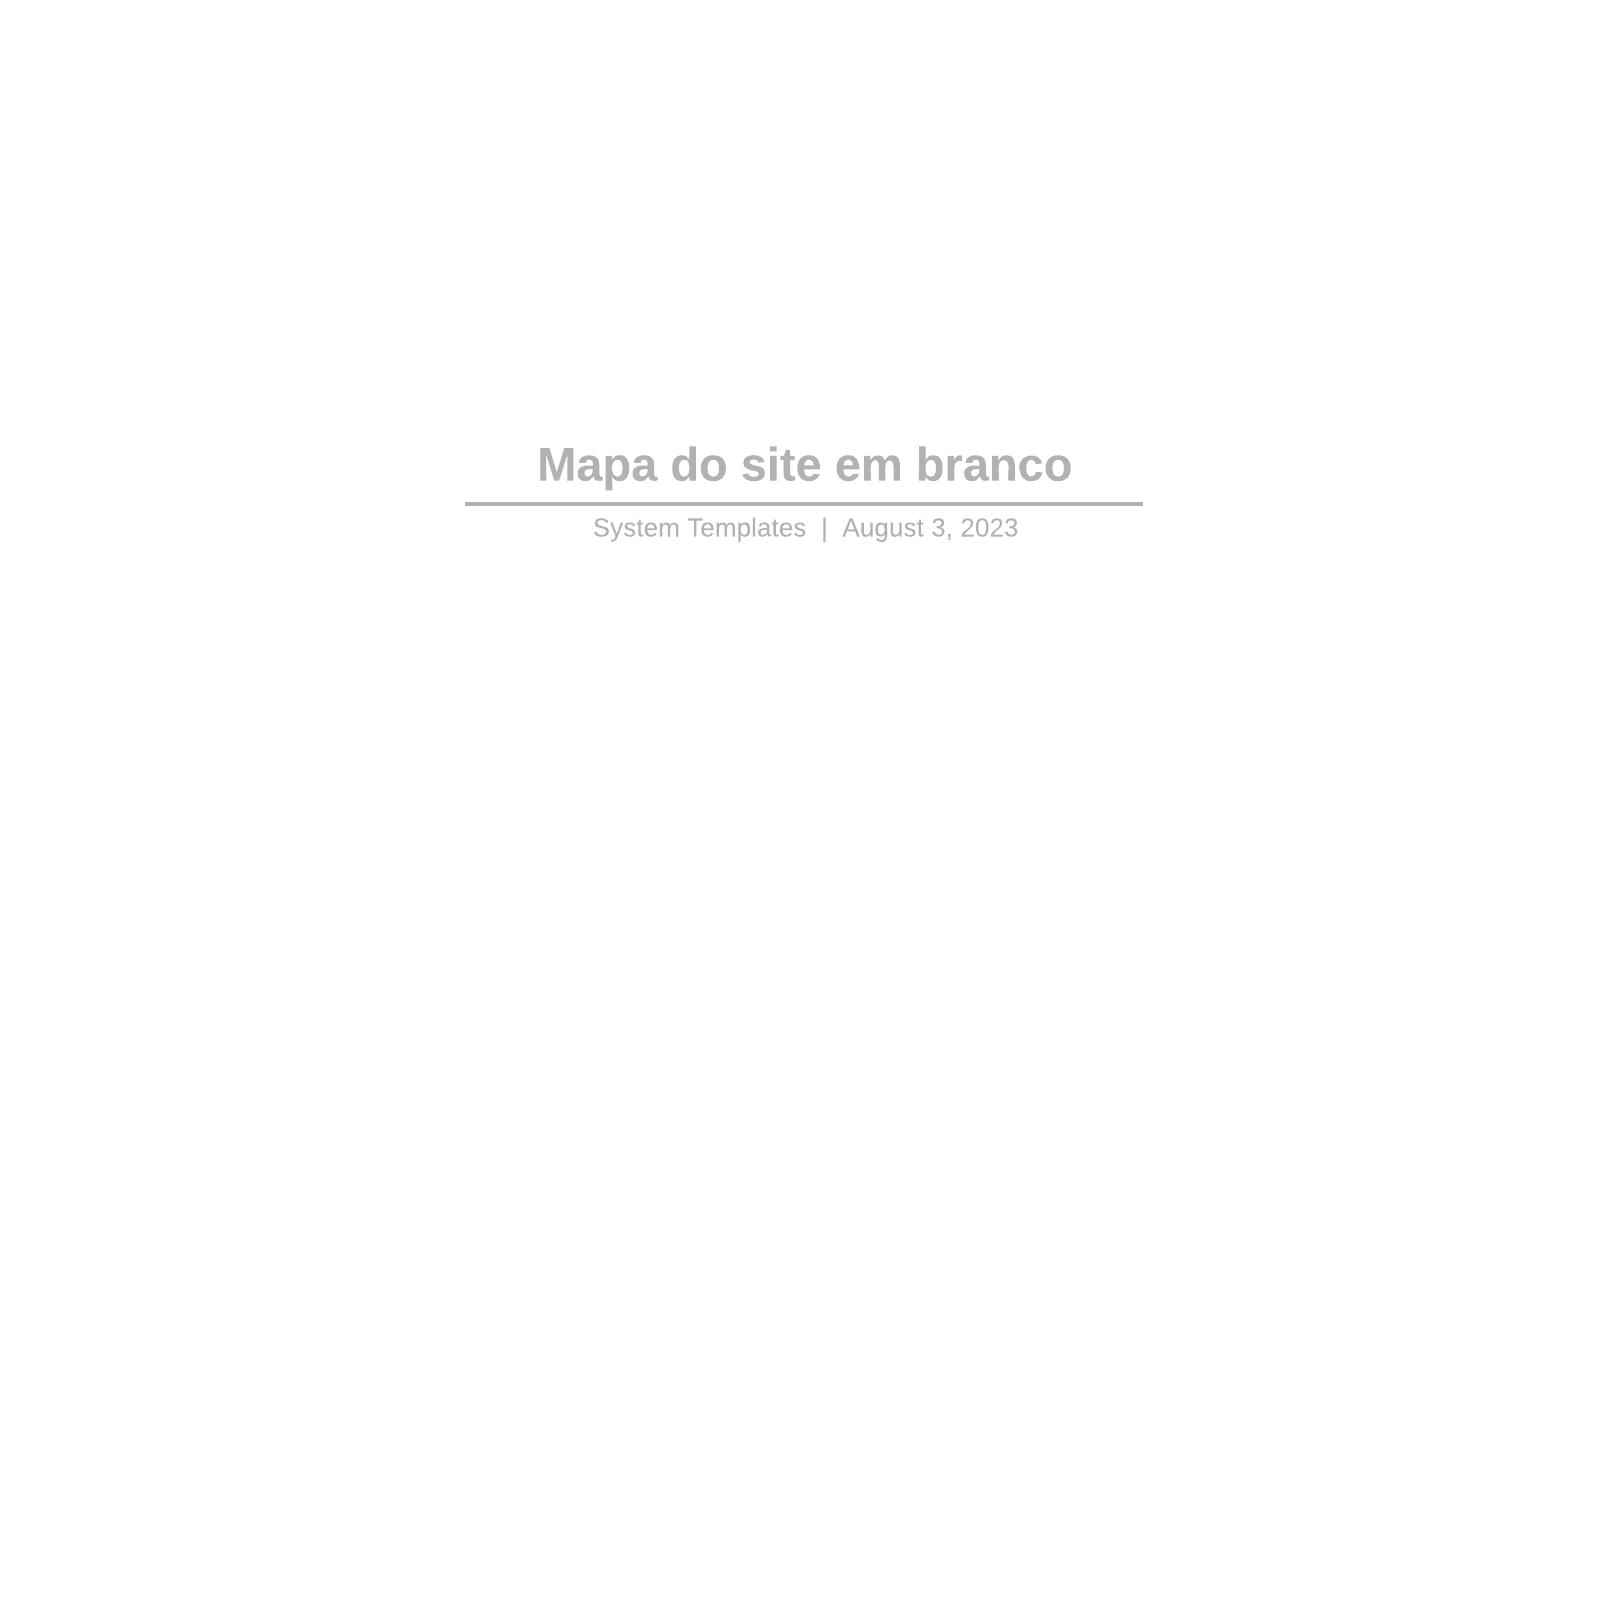 Mapa do site em branco